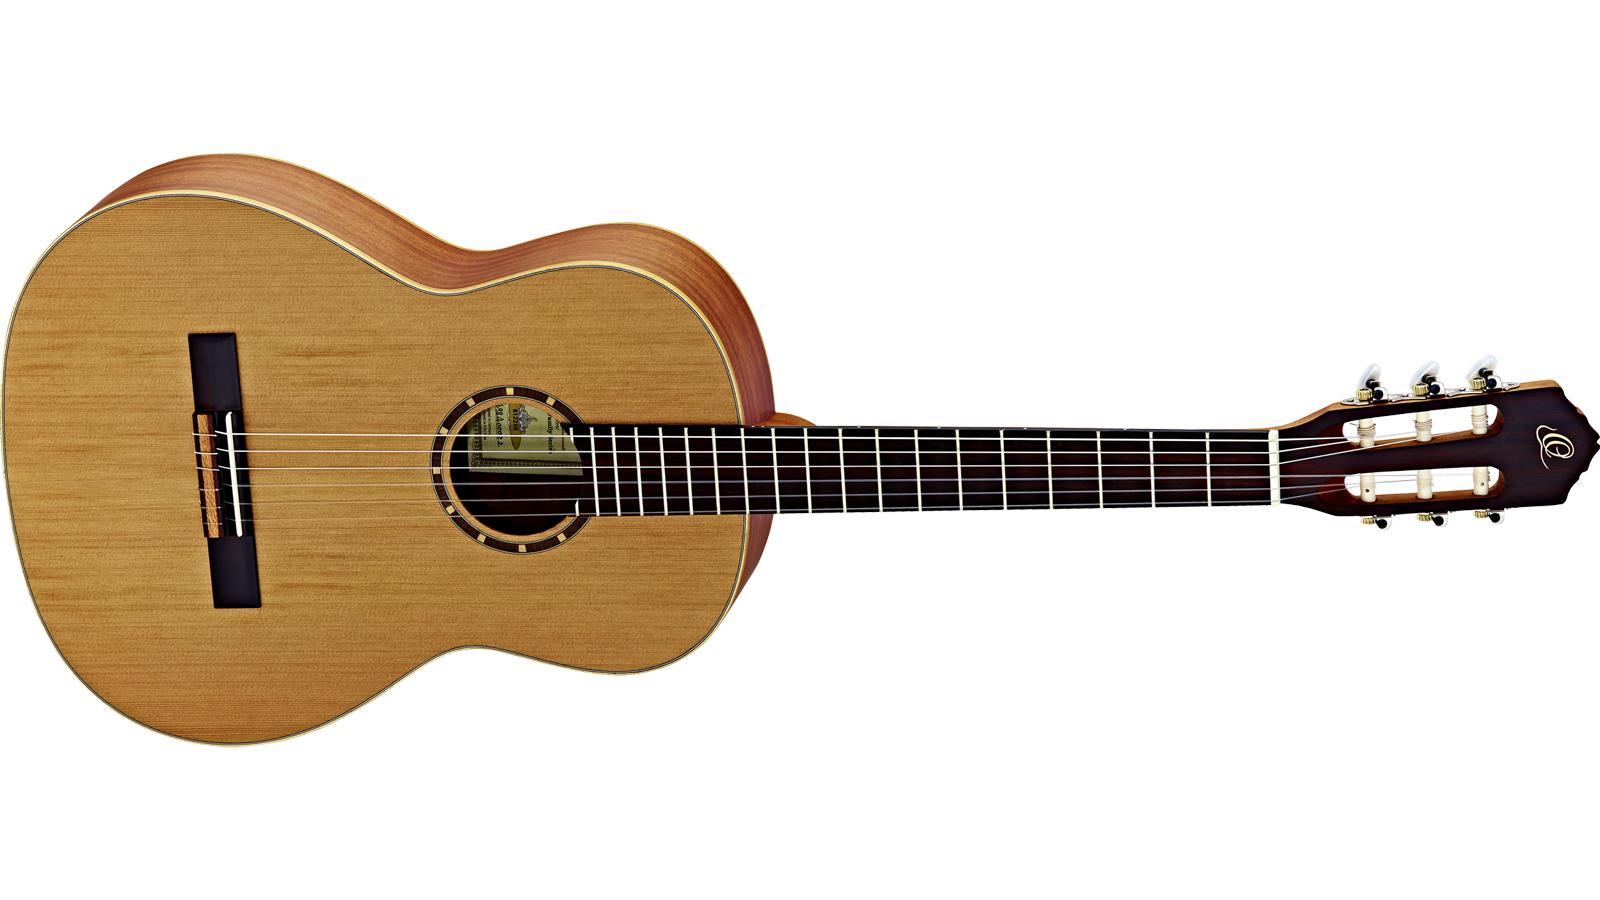 Ortega R122 SN Small Neck 4/4 Klassikgitarre inkl. Gigbag